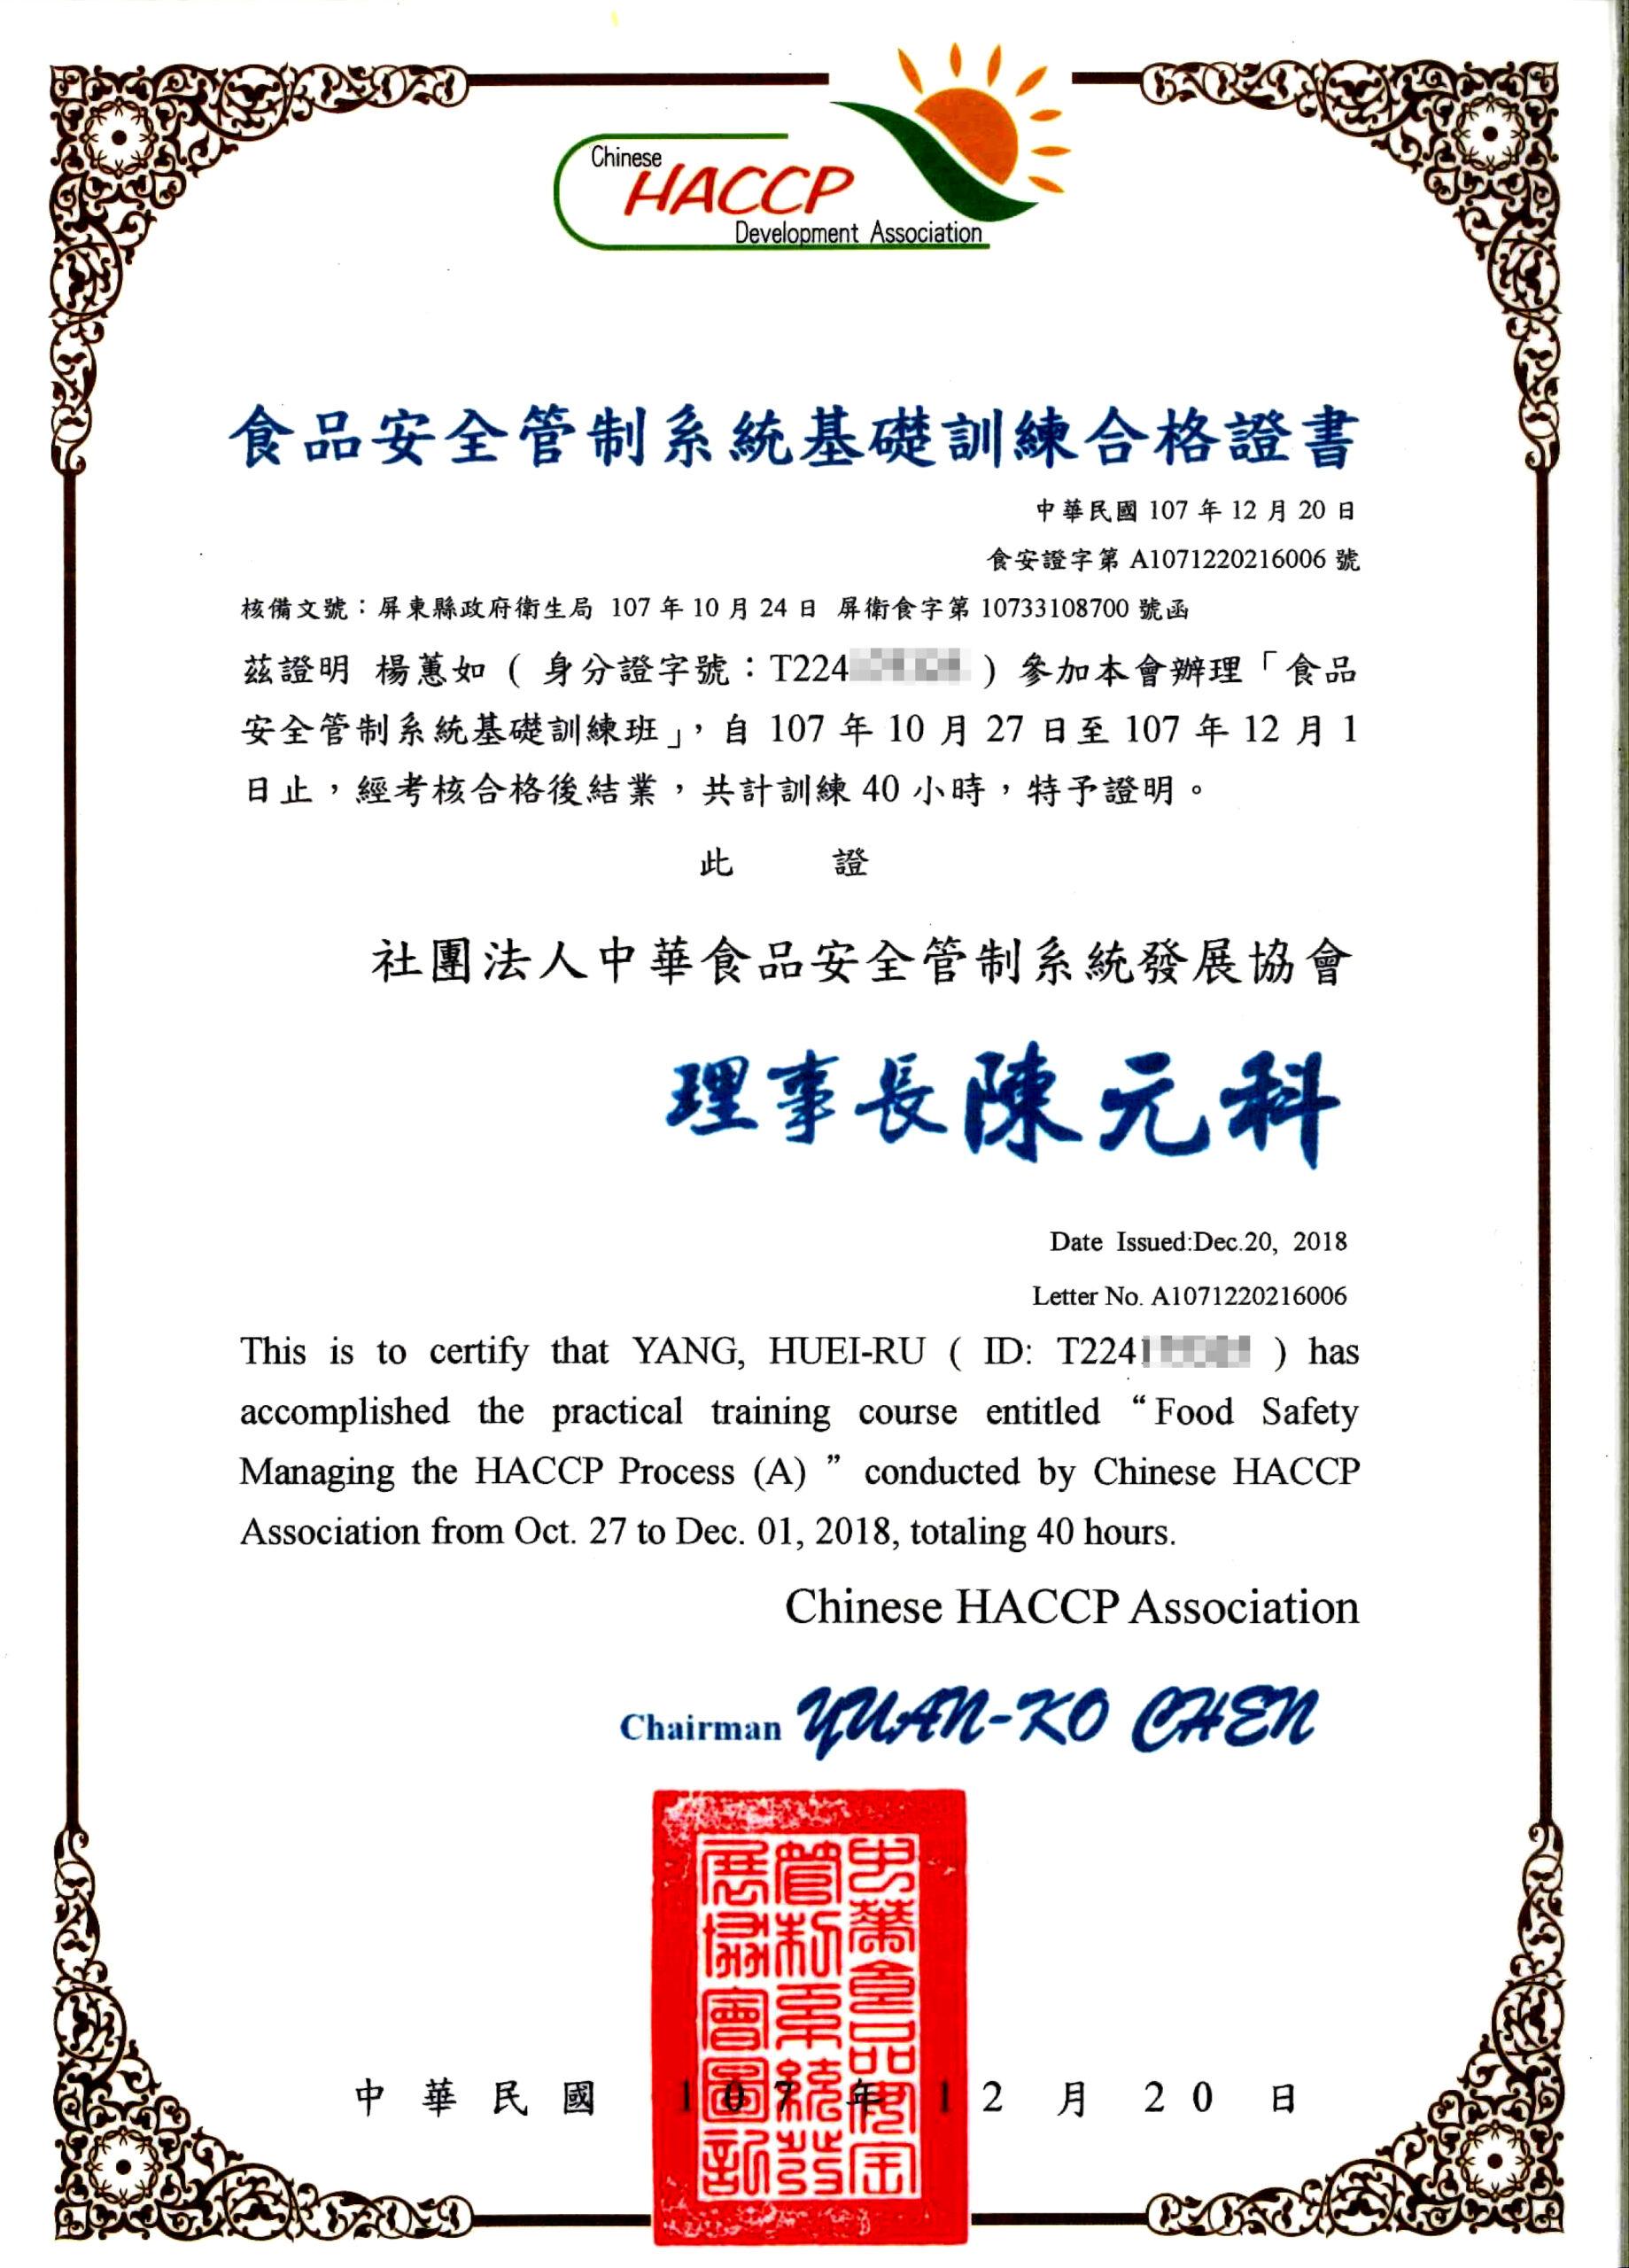 20210406楊蕙如HACCP證書-公開展示用1